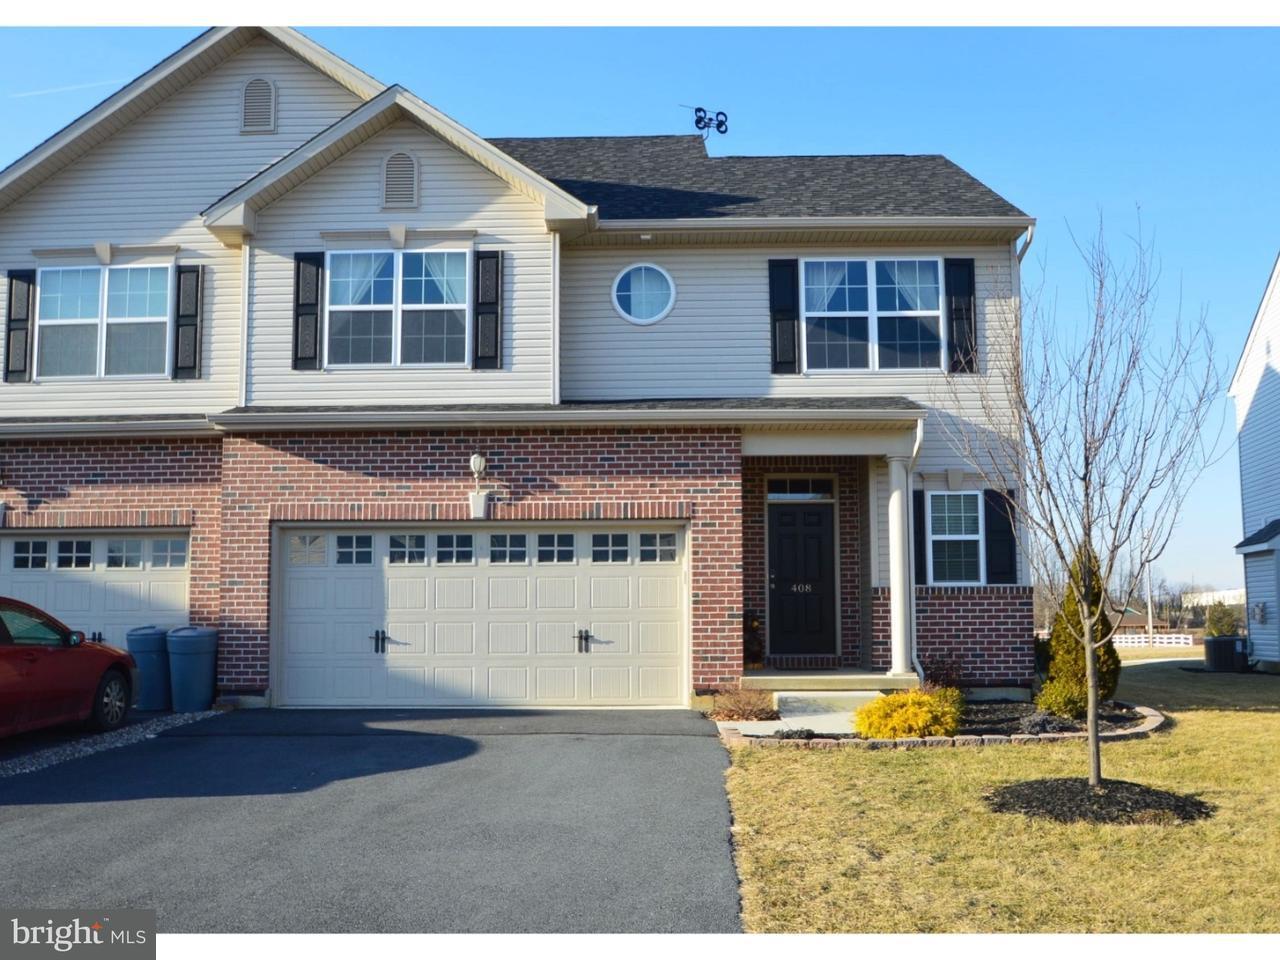 联栋屋 为 销售 在 408 RACITE Road Alburtis, 宾夕法尼亚州 18011 美国